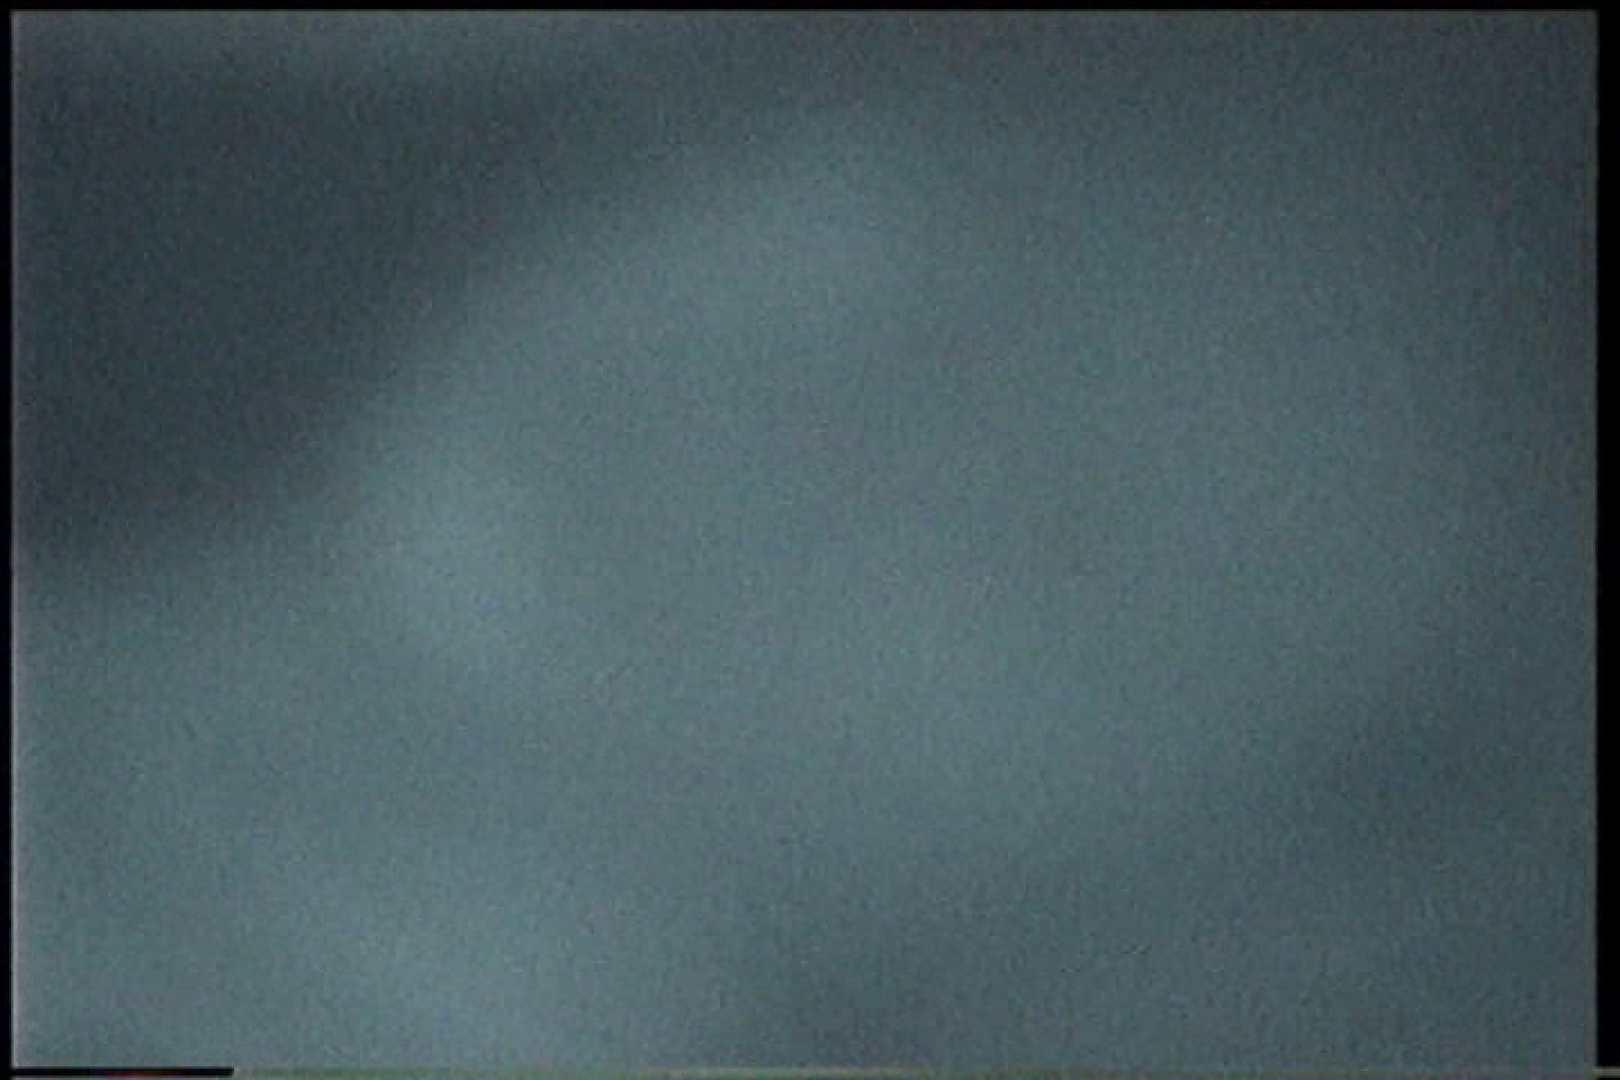 充血監督の深夜の運動会Vol.179 独身エッチOL | 手マンでオナニー  86pic 38